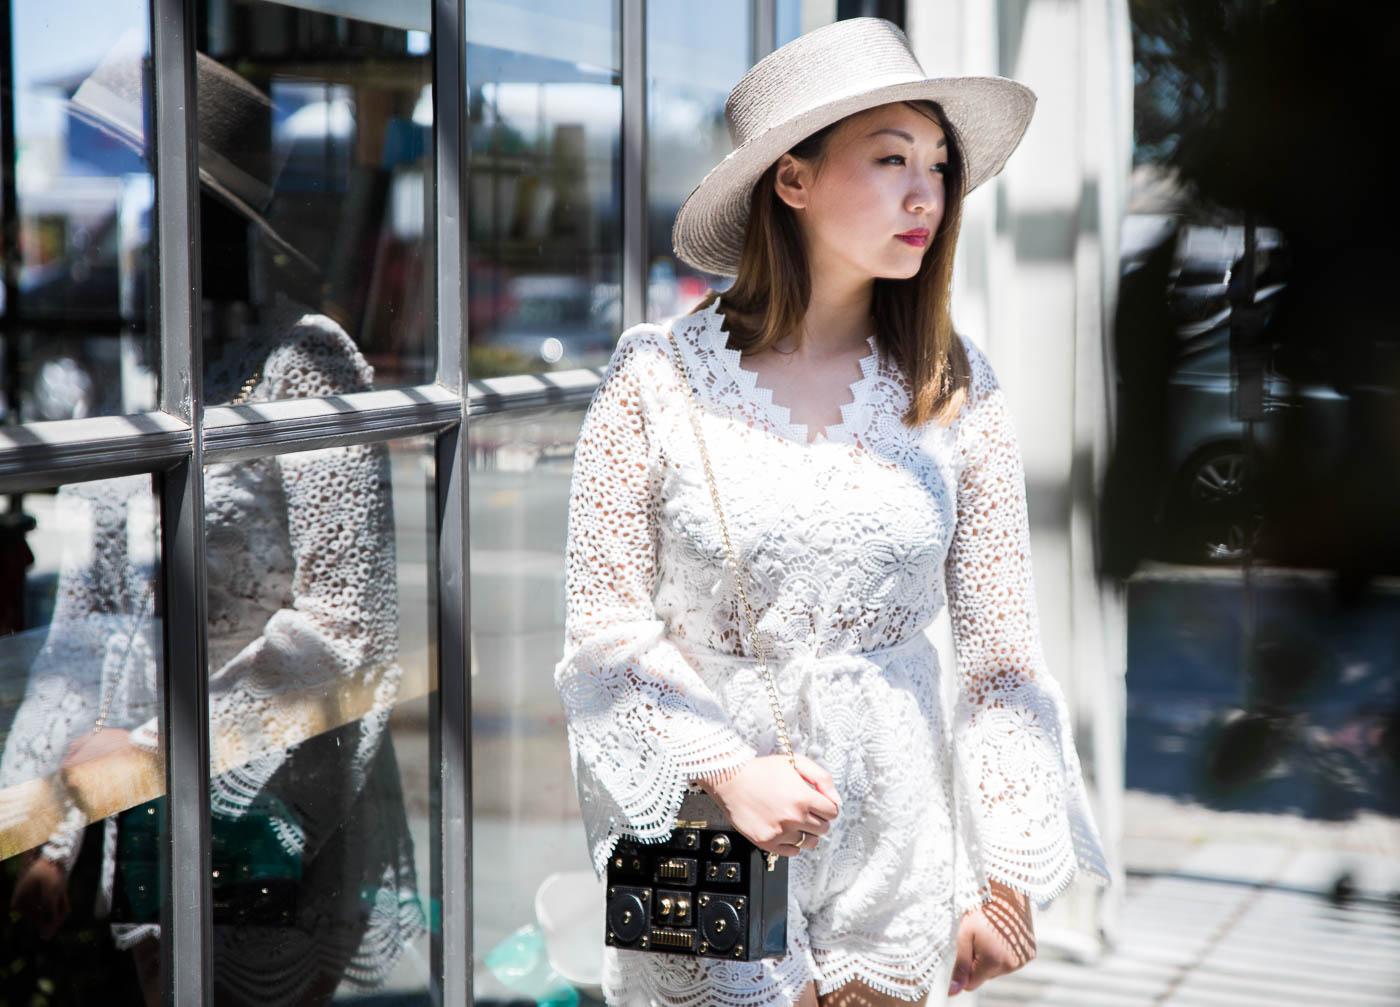 Janessa Leone Gray Bolero Hat | The Chic Diary